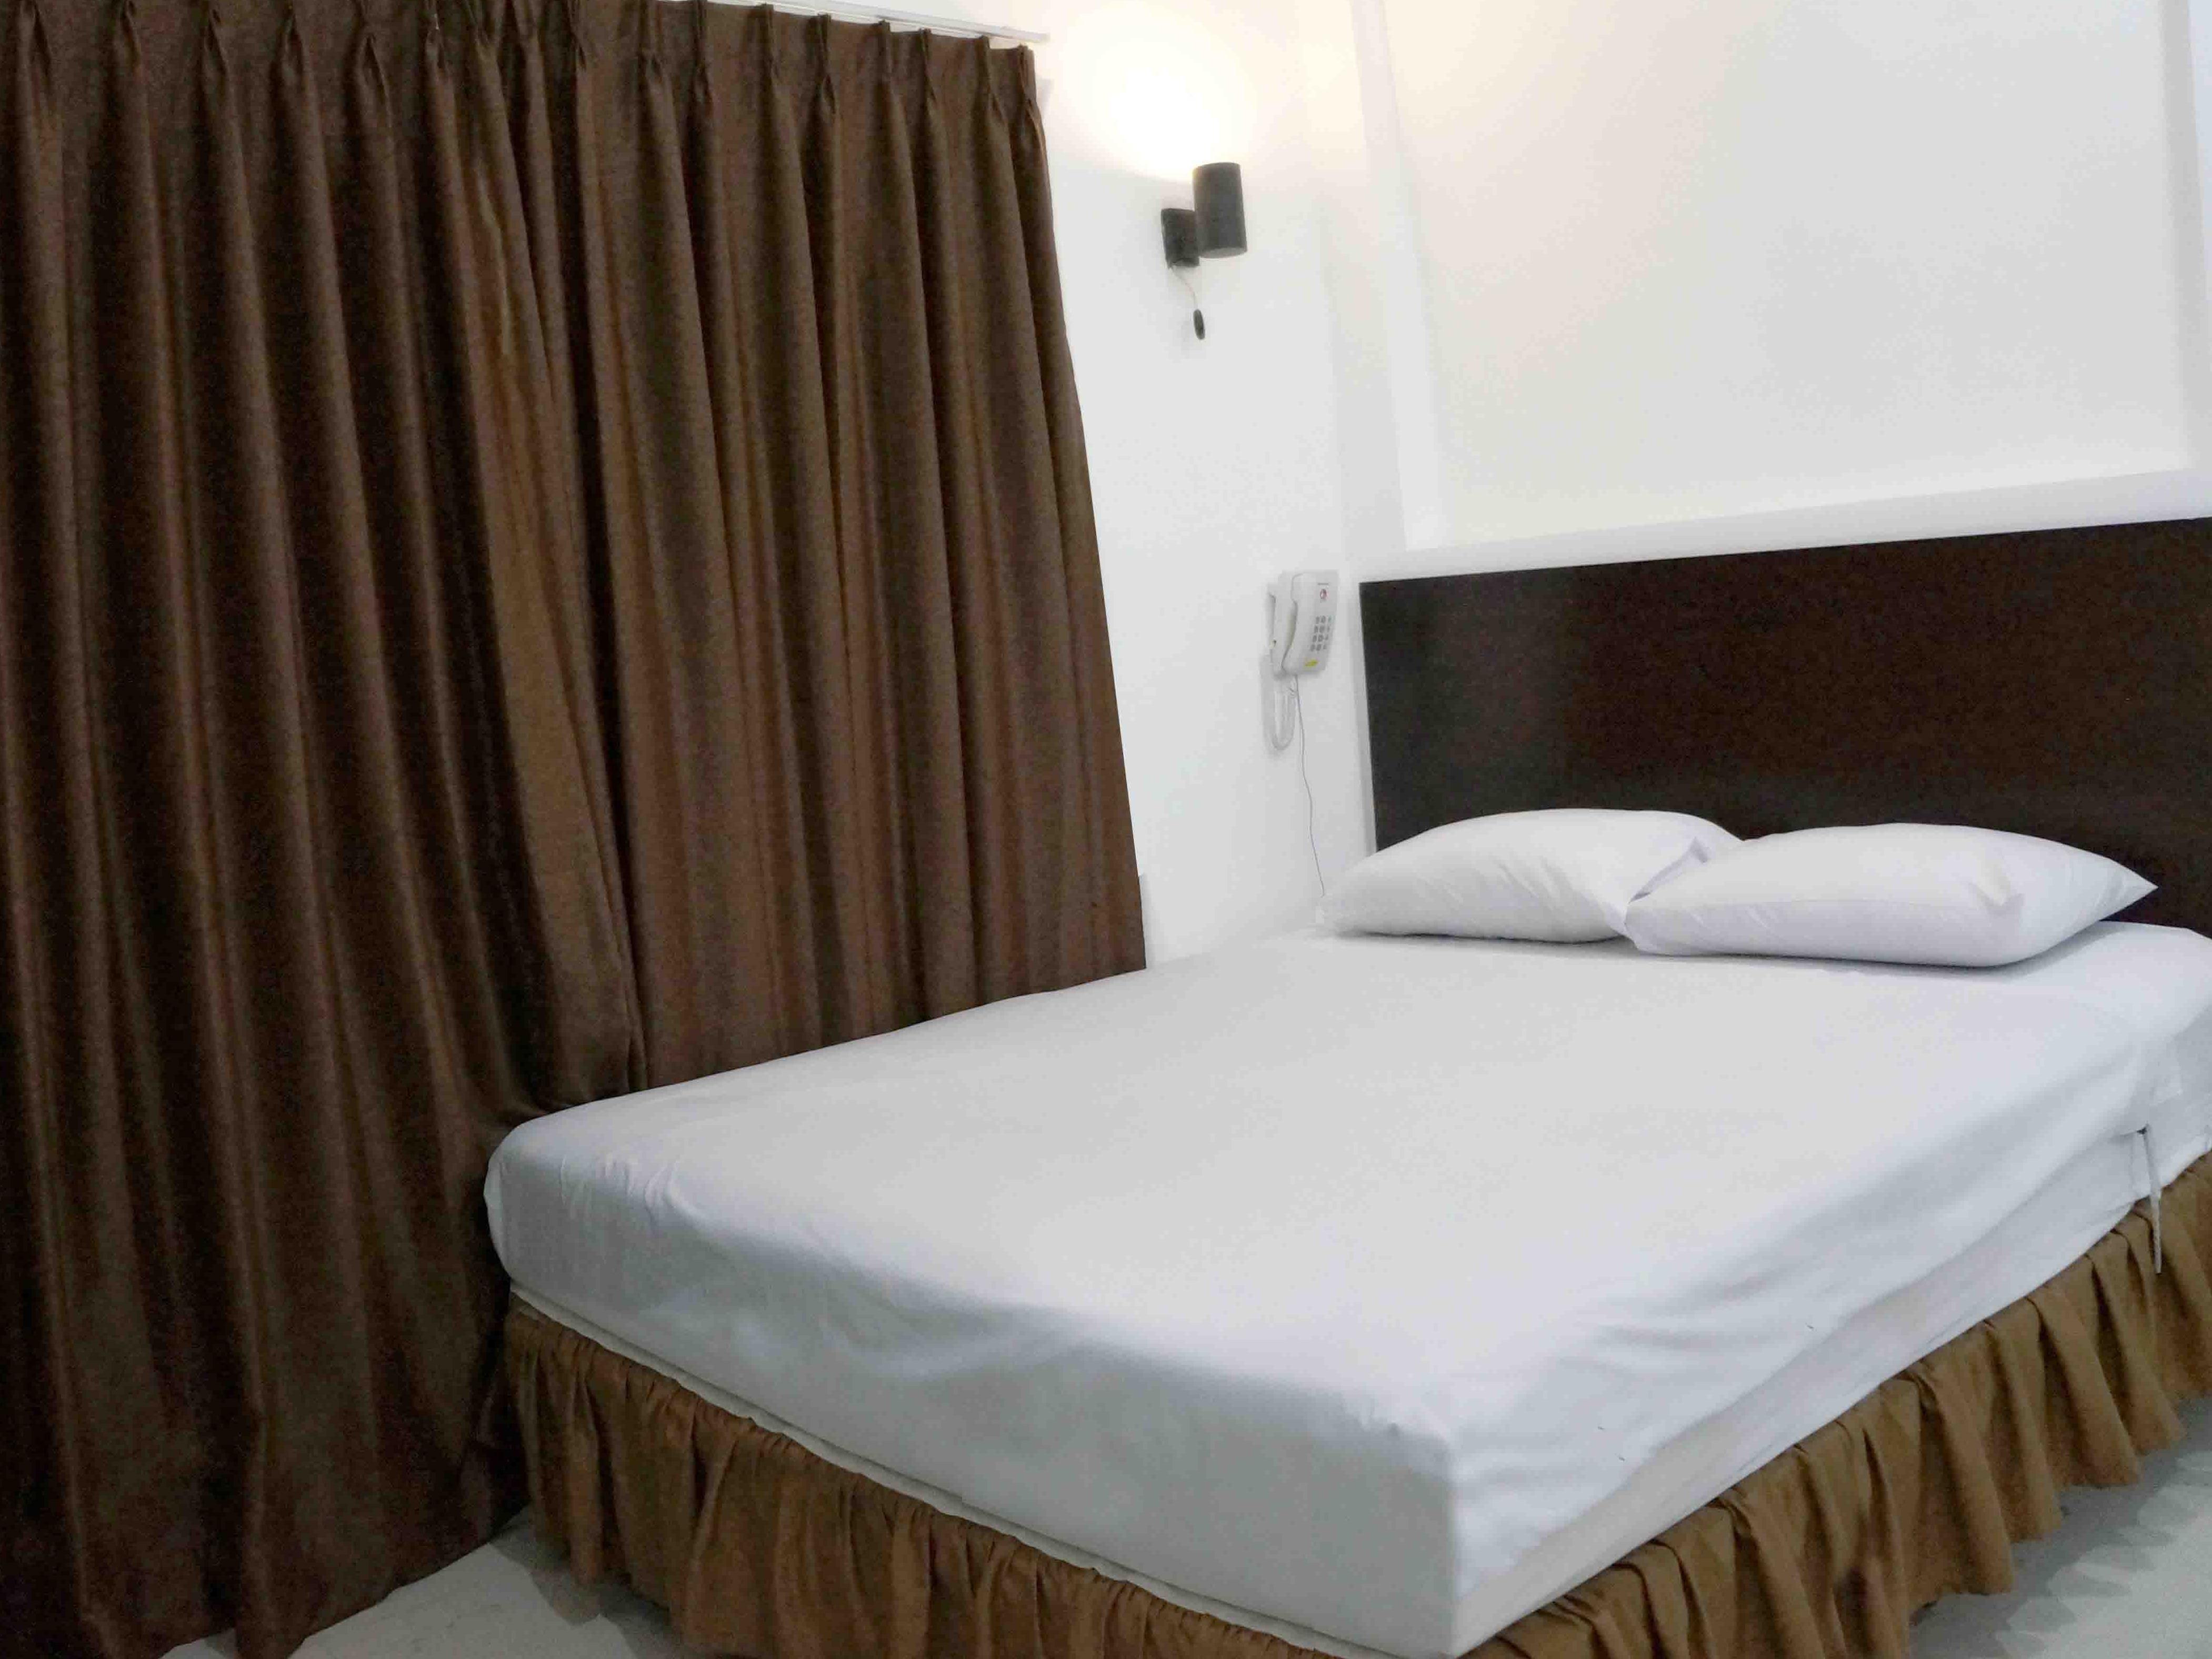 Win Hotel Blok M - Panglima Polim 99 Jakarta, Indonesia